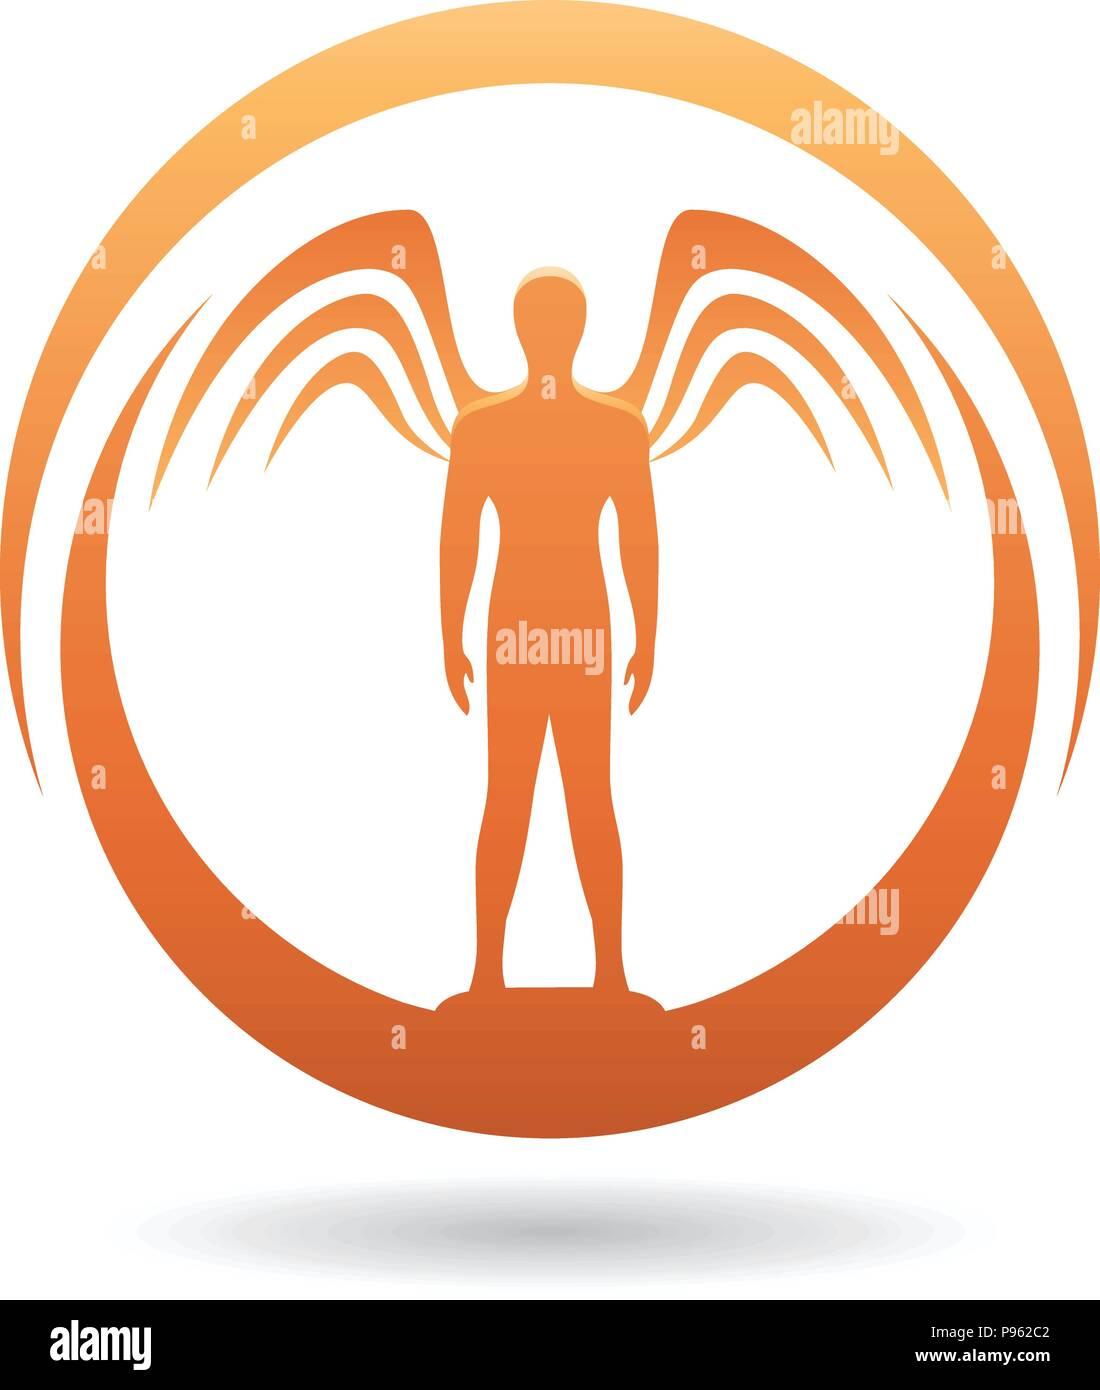 Illustrazione vettoriale di un uomo di colore arancione con icona di ... c646e7b23a97